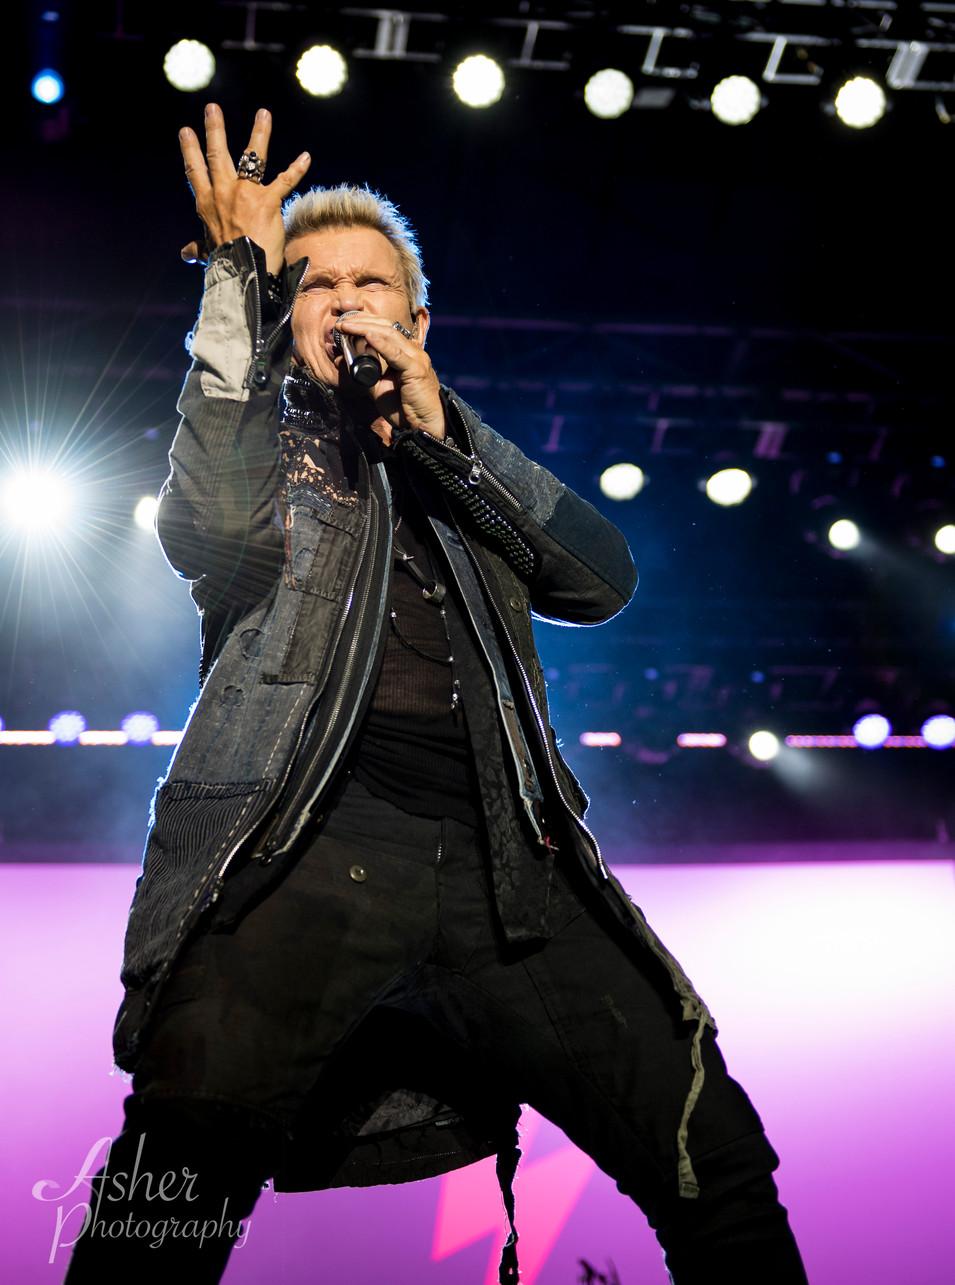 Billy Idol